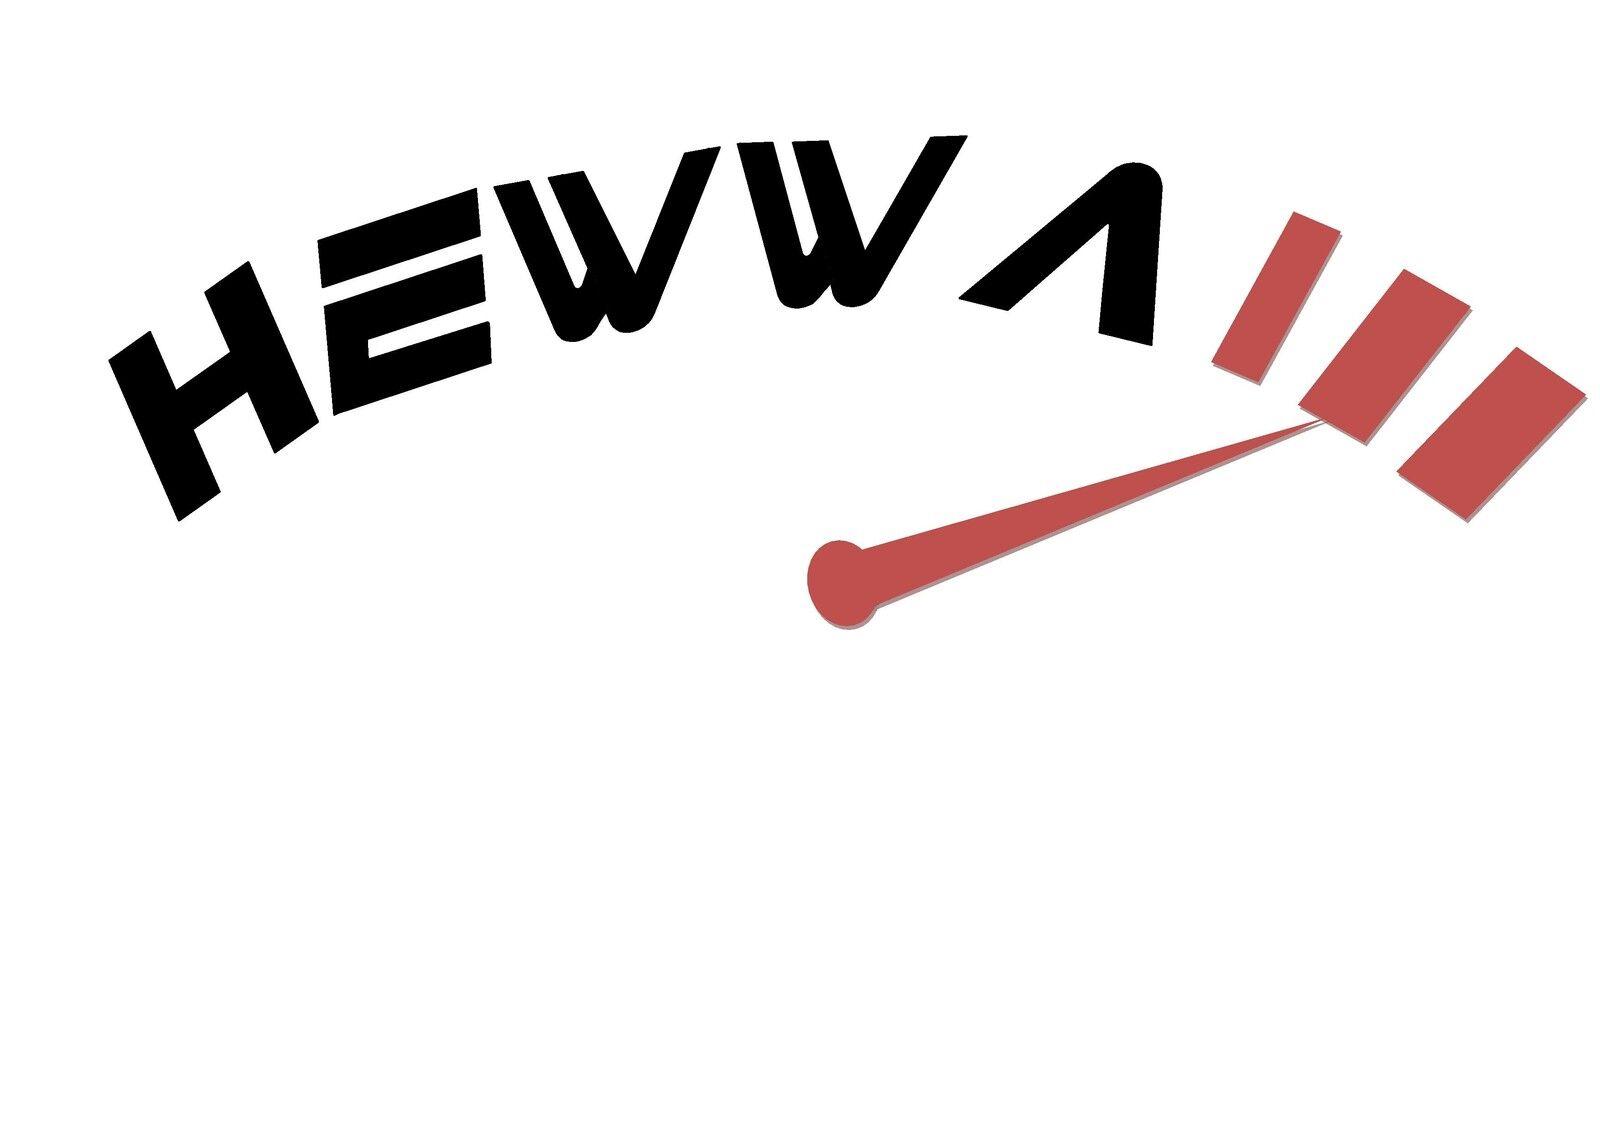 hewwa_tecc